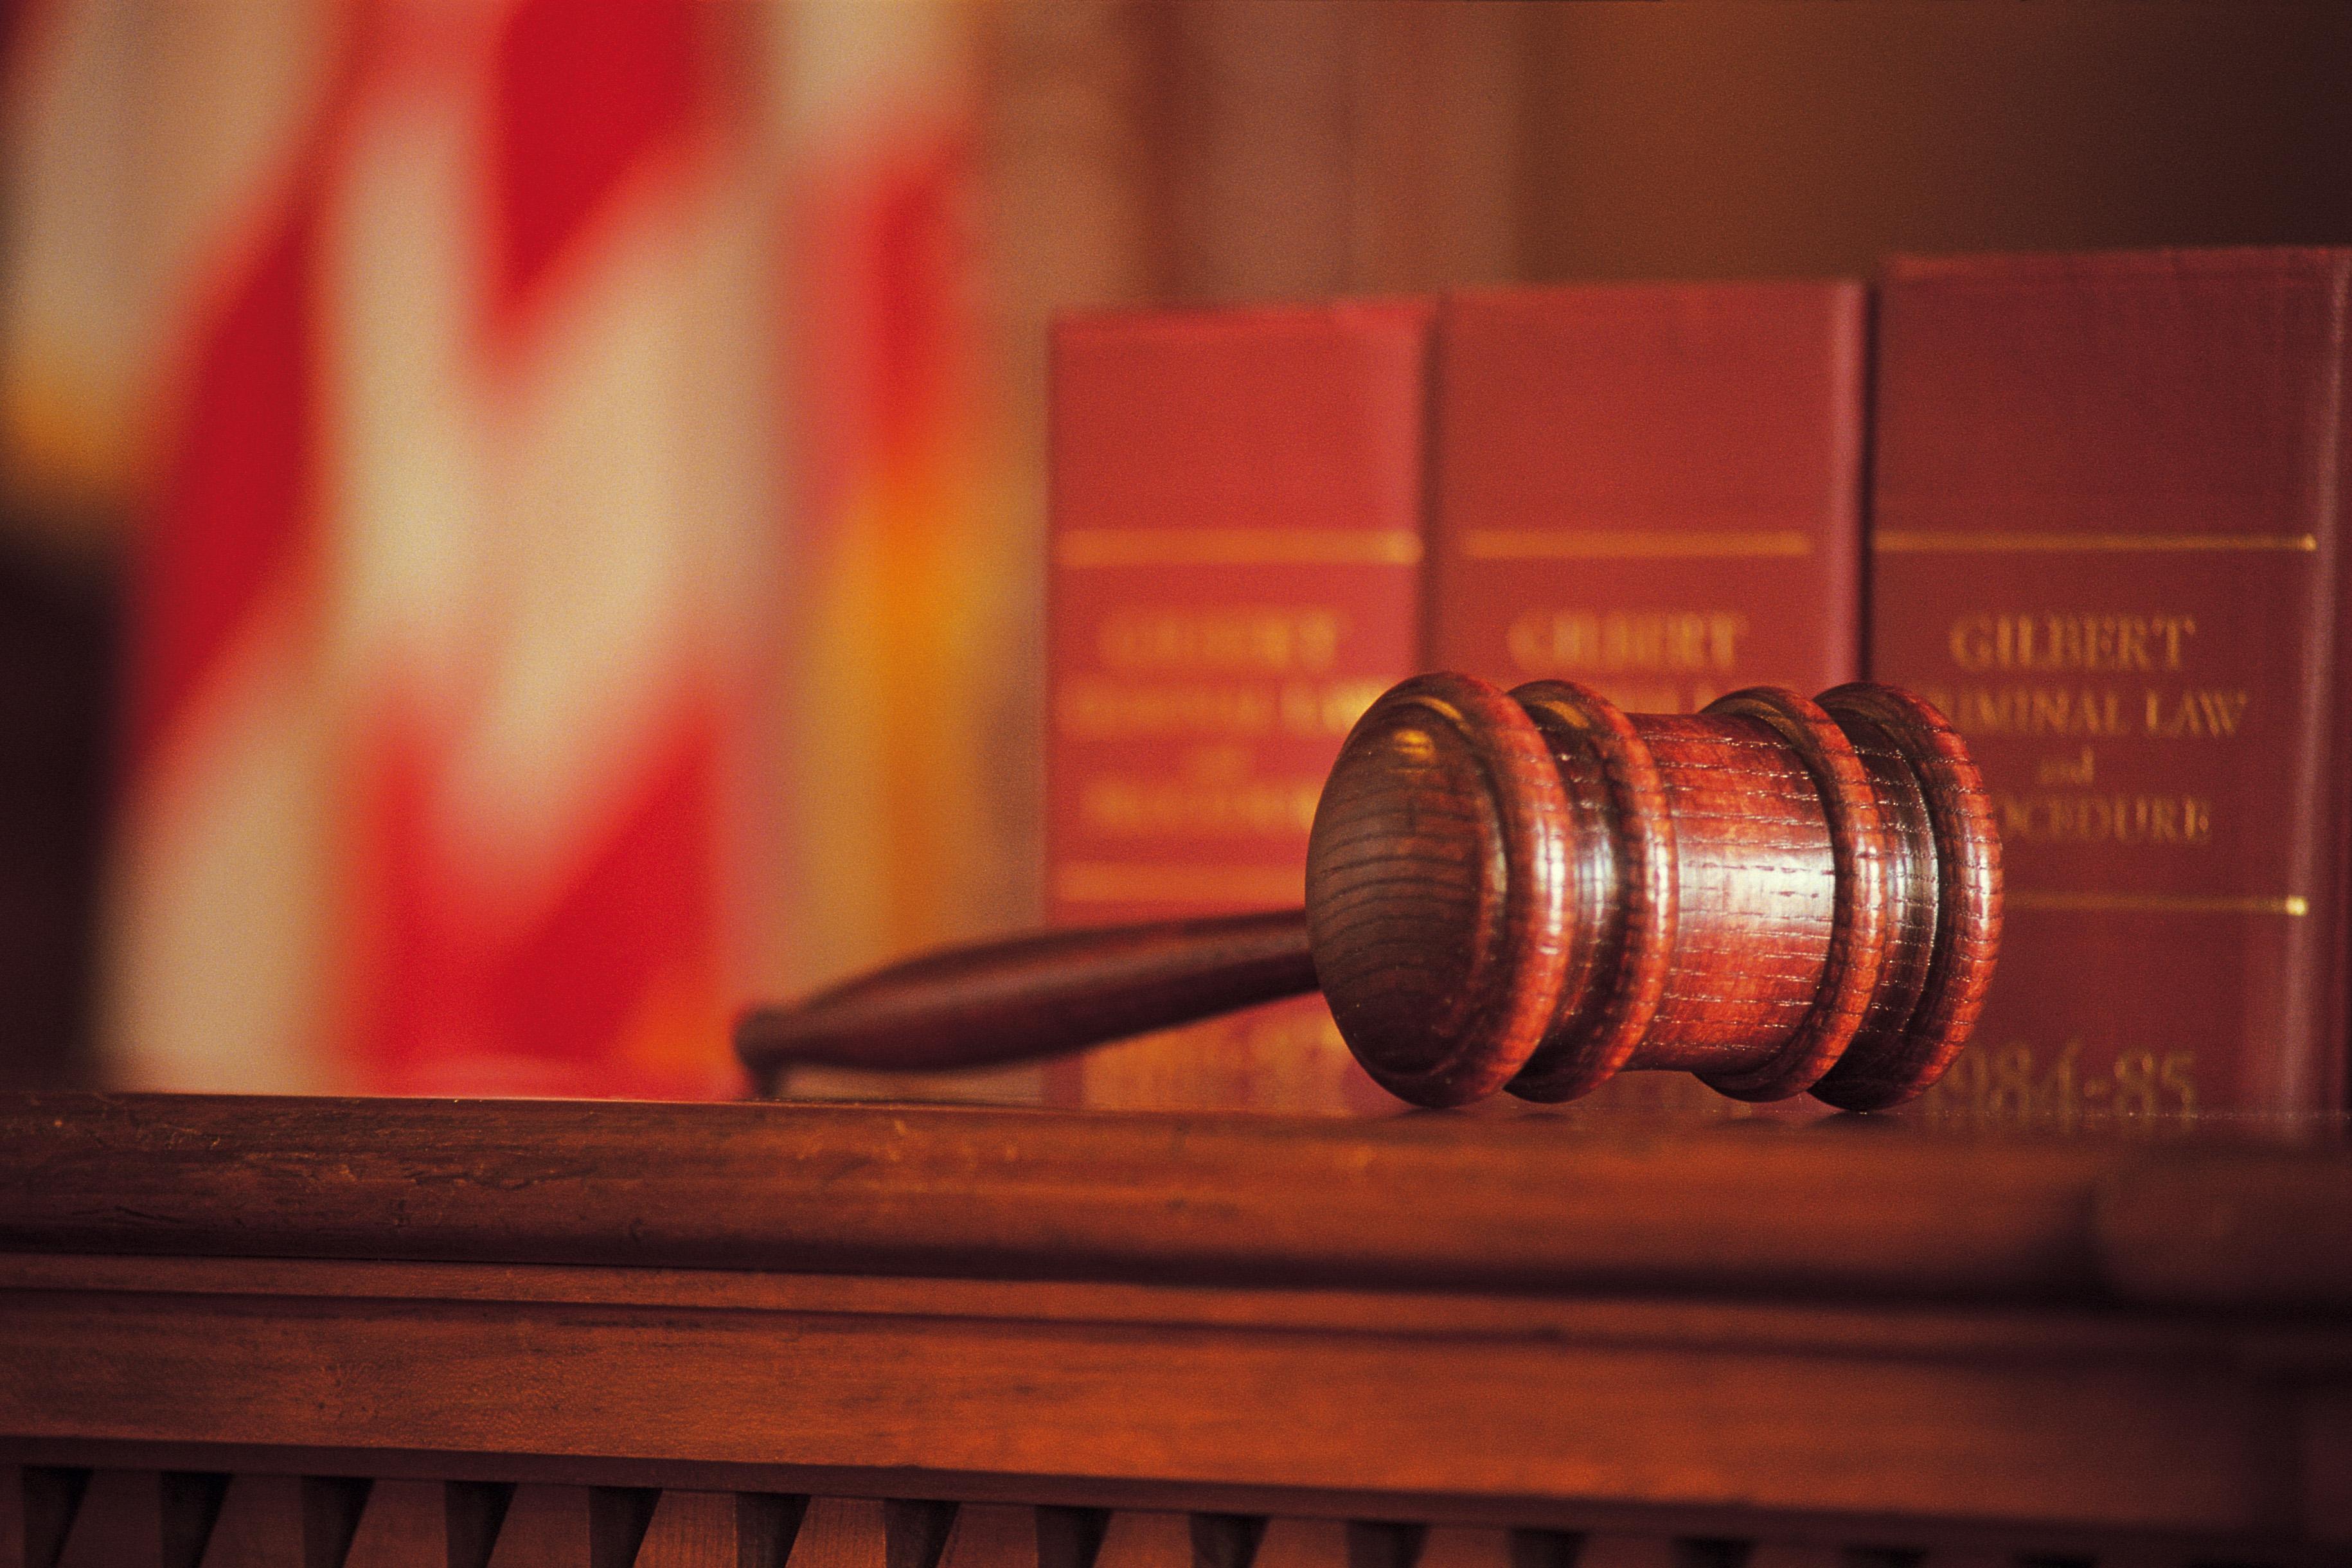 Pedeapsa pentru abuz in serviciu anulata la Alba Iulia pe motiv ca prevederi ale acestei infractiuni au fost dezincriminate